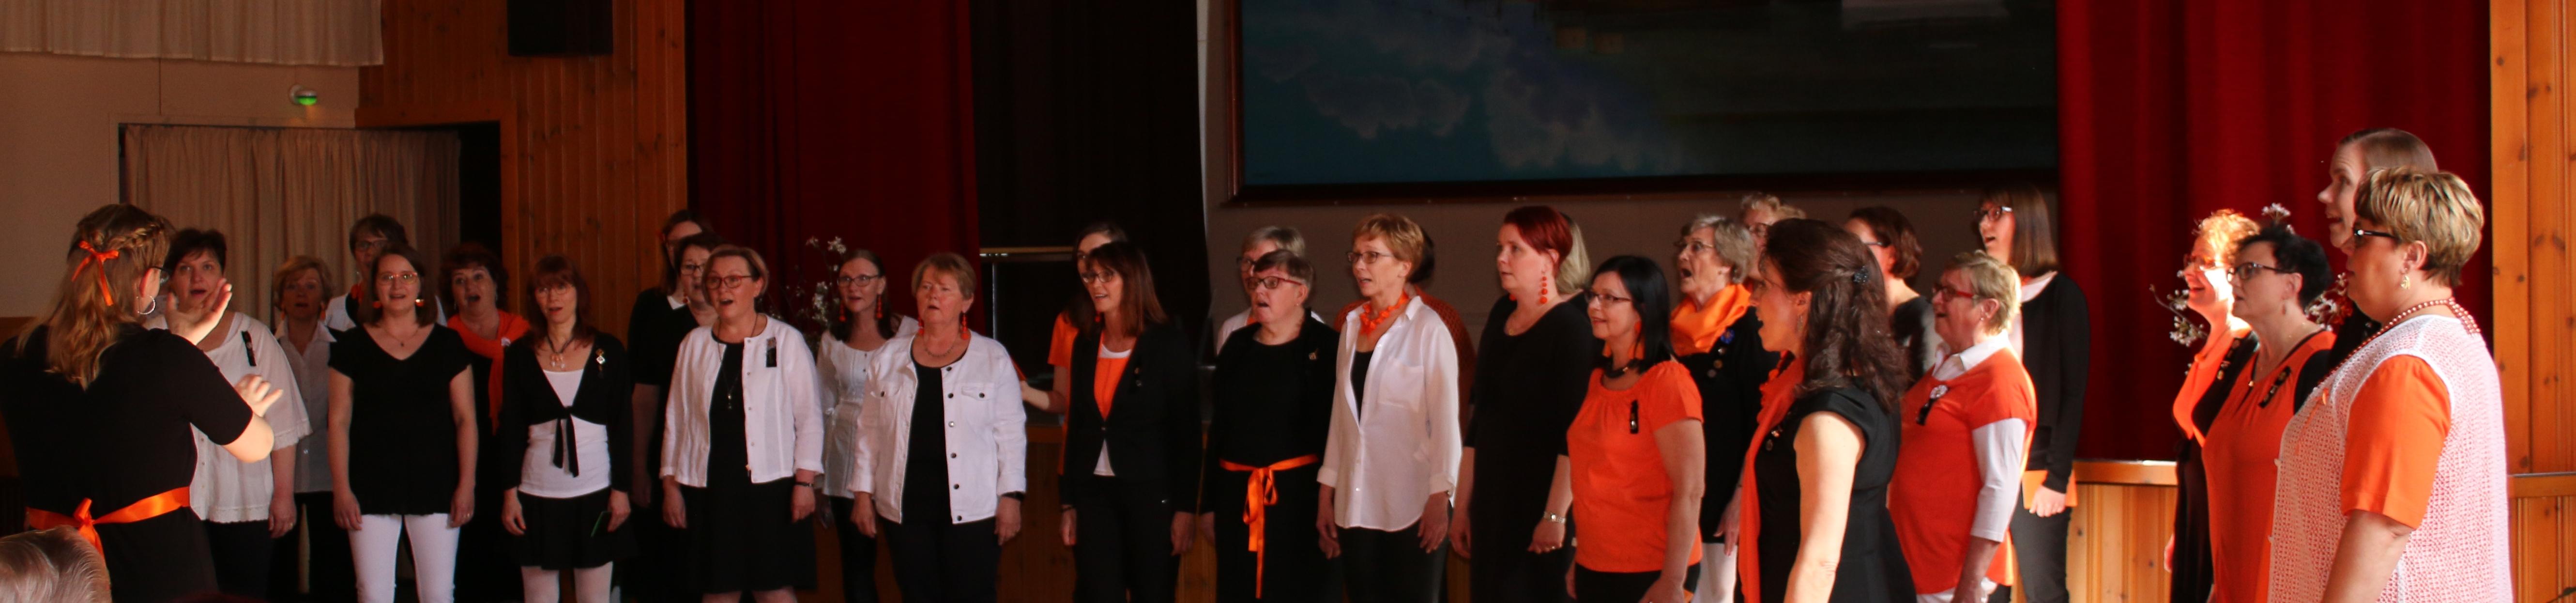 Naislaulajat keväkonsertissa 2018_2